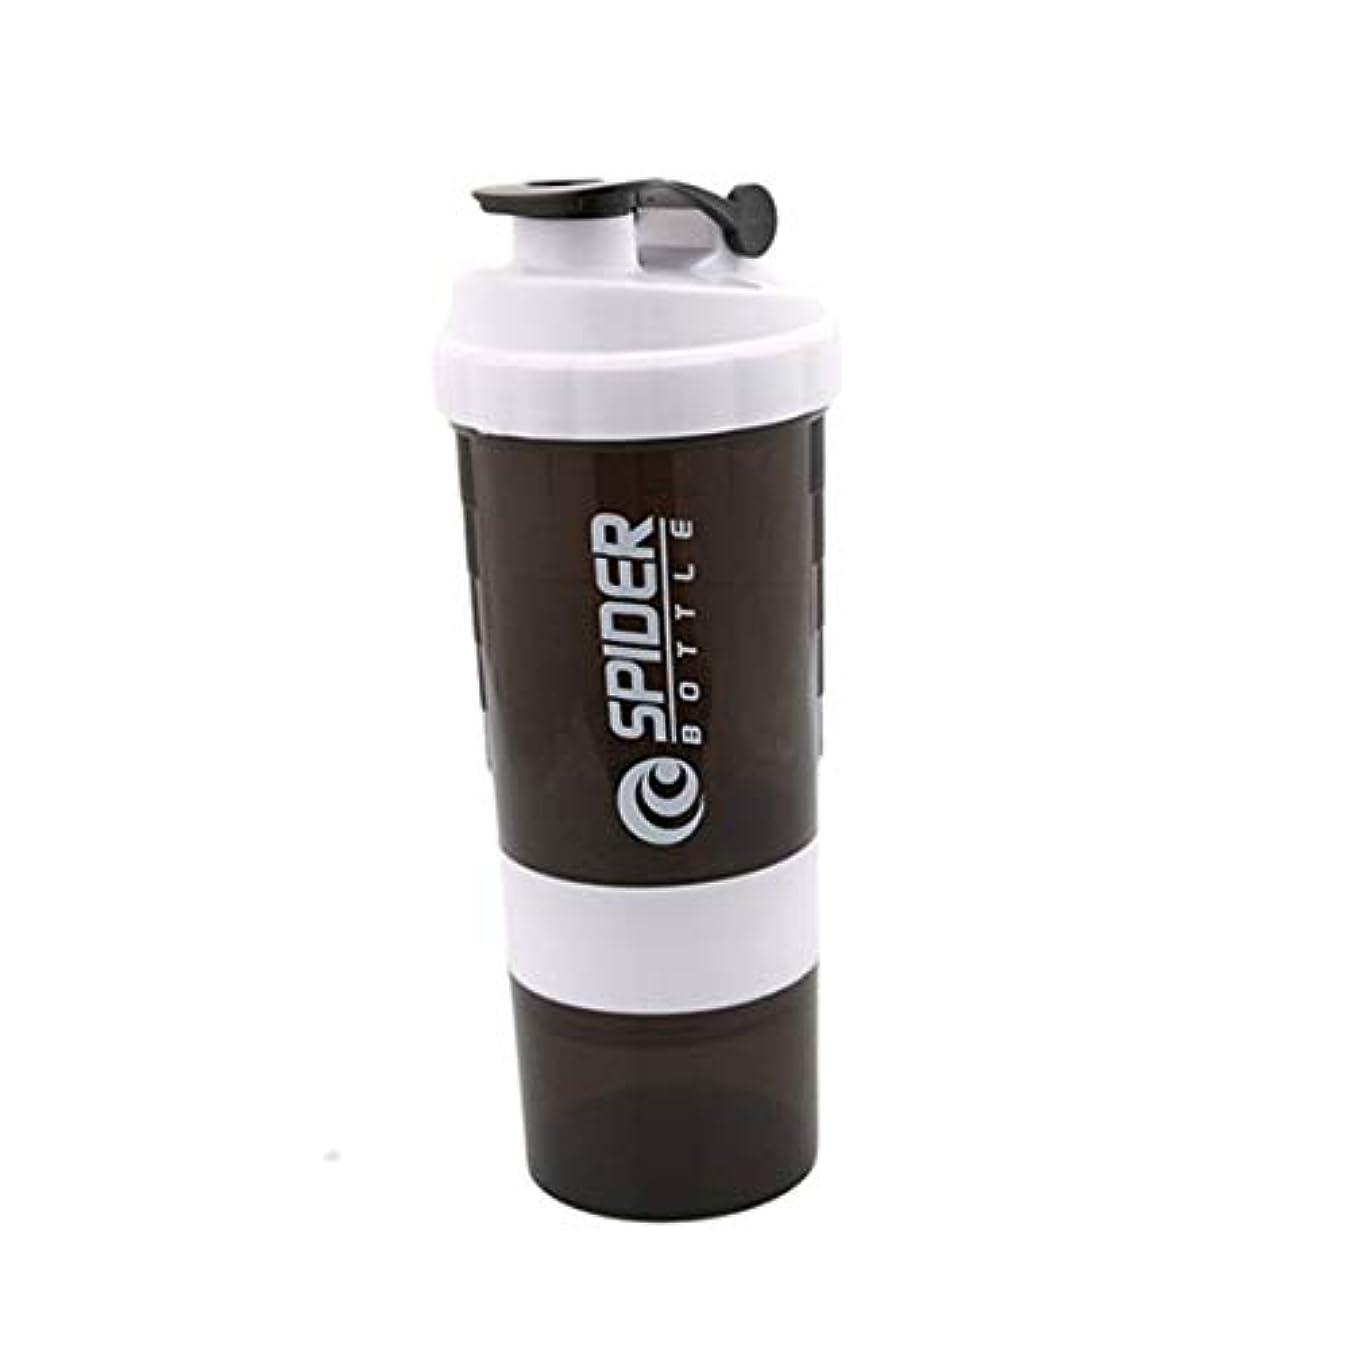 クリーク燃料自治IntercoreyジムプロテインシェーカーMiハンドヘルドスポーツジムプロテインシェーカーミキサーボトル泡立て器ボールシェーカーボトル